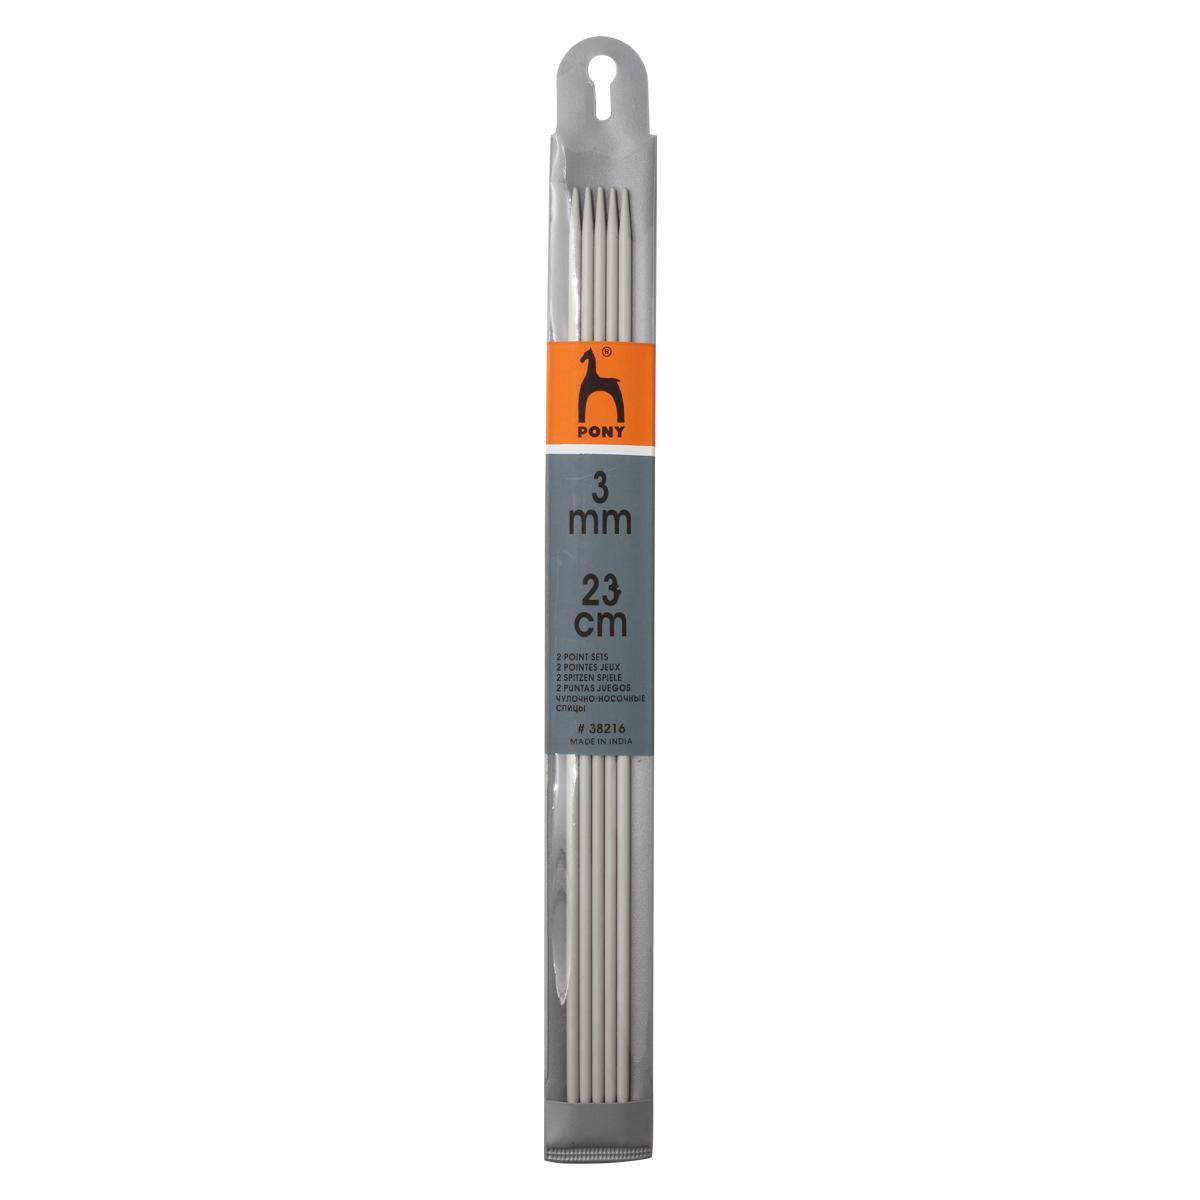 38216 (38616) Спицы носочные алюминий 3,0мм*23см PONY